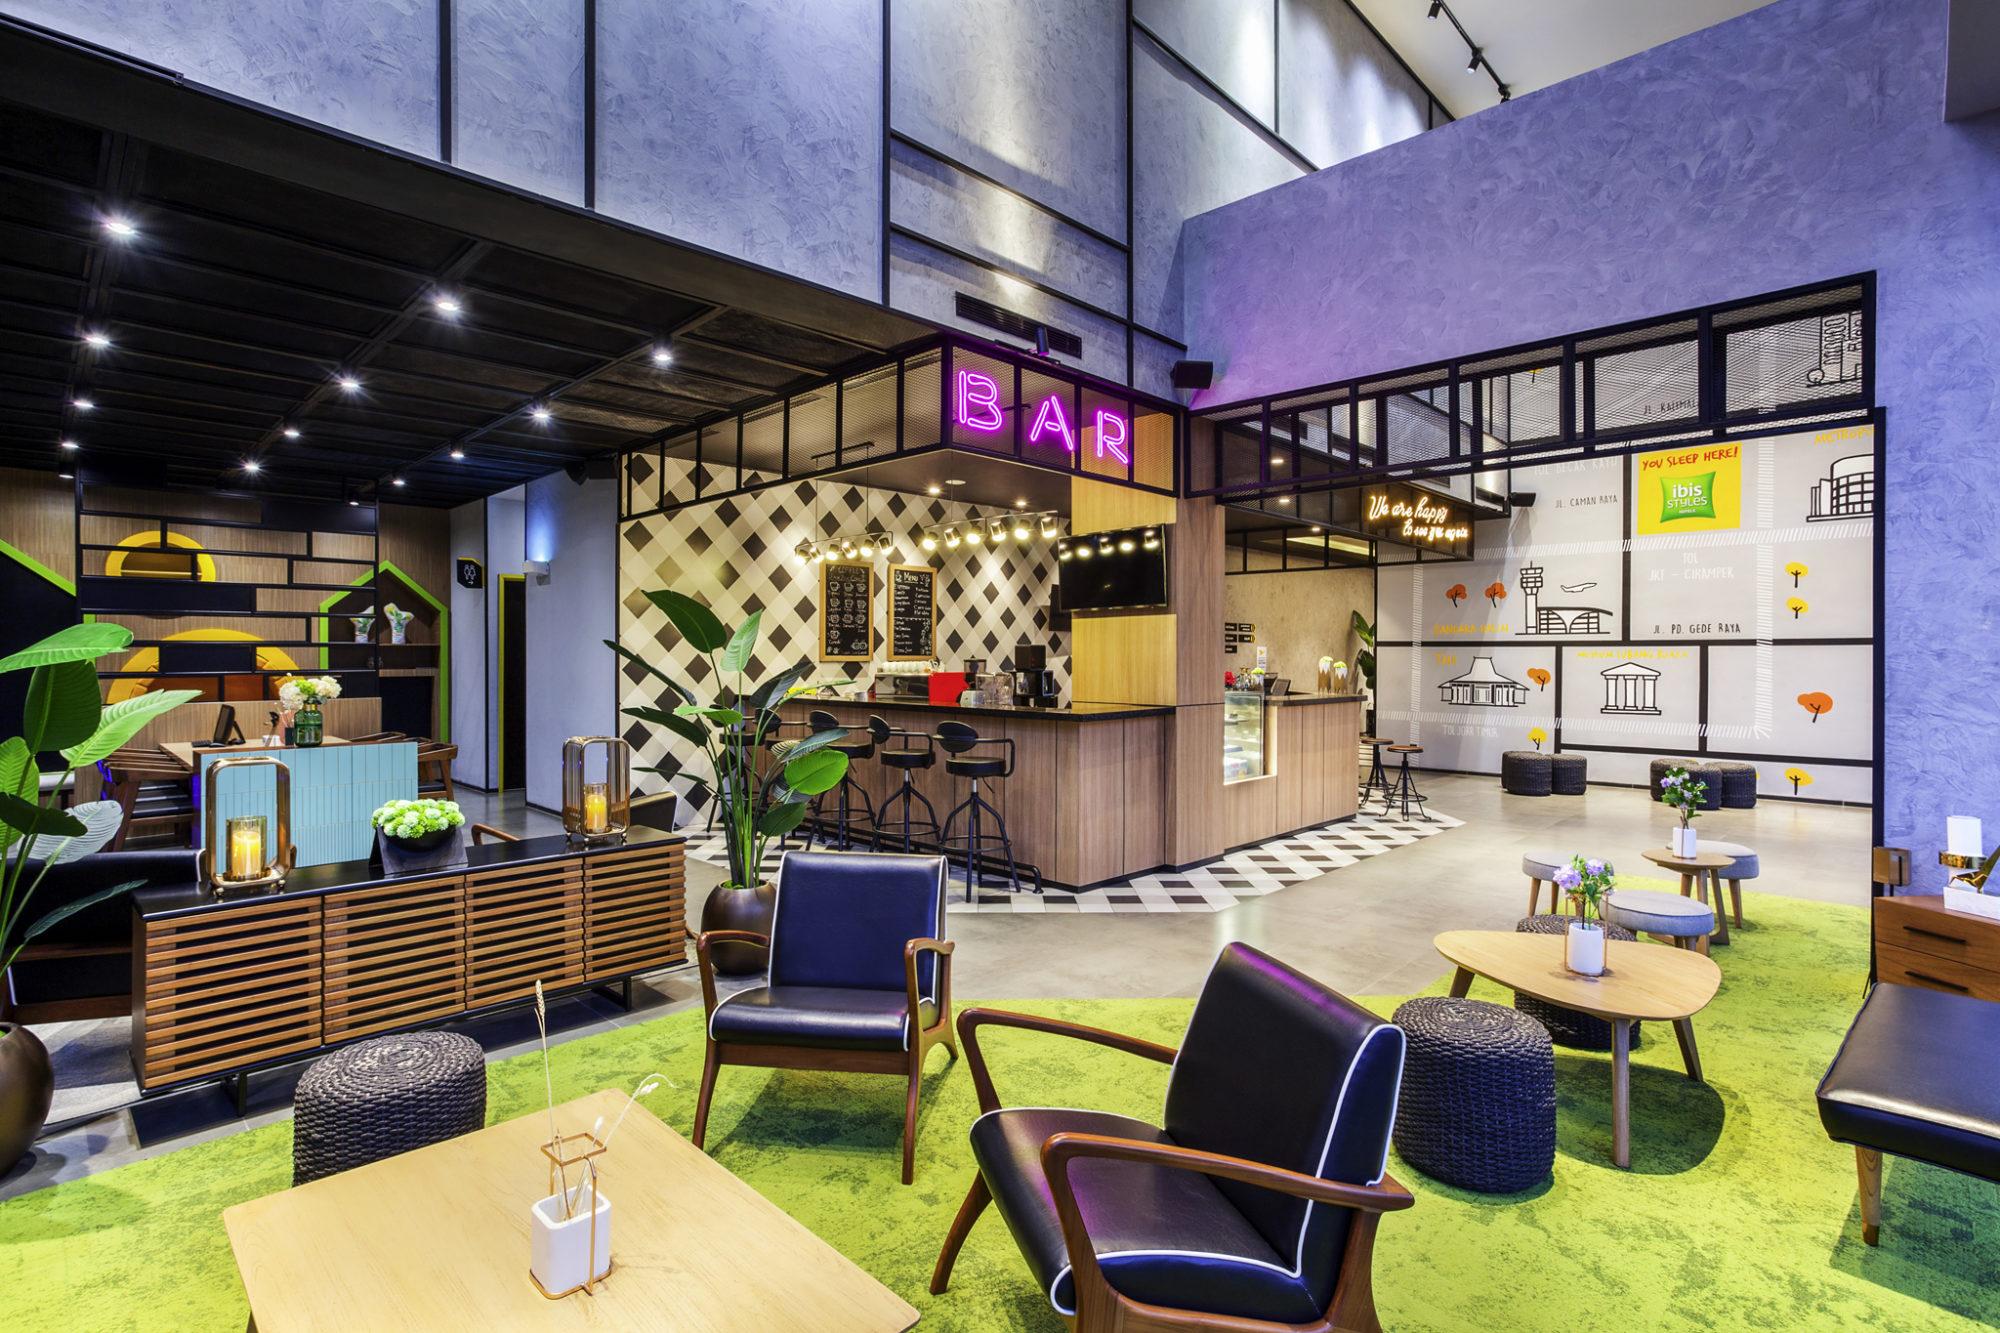 Ibis Styles opens doors in Bekasi, West Java